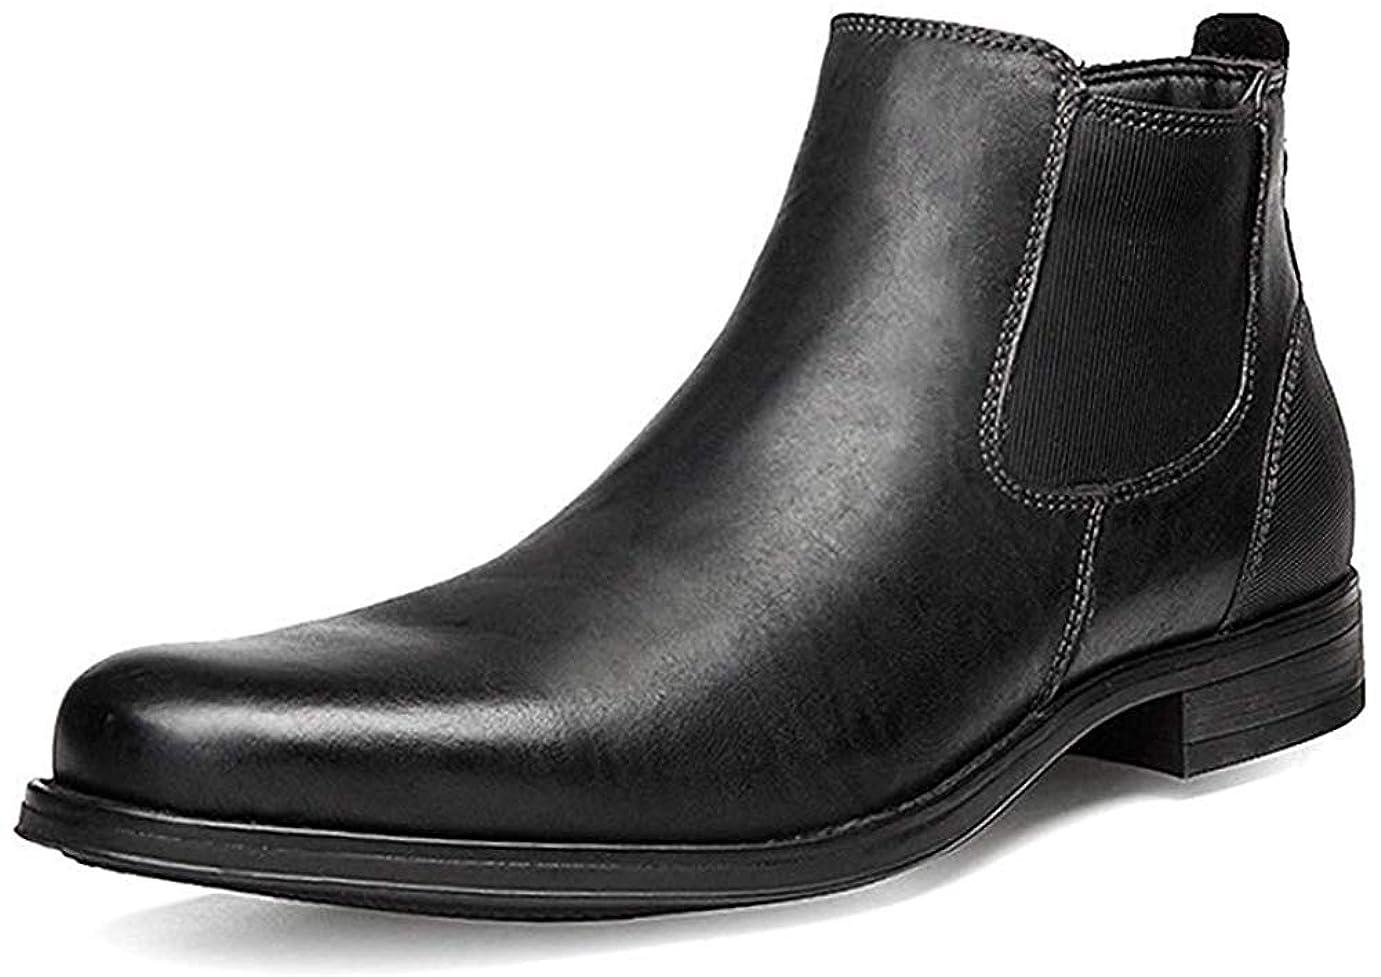 治療覆すお尻ブーツ マーティンブーツ メンズ ビジネスシューズ 革靴 ショートブーツ ジッパー 防水 滑り止め